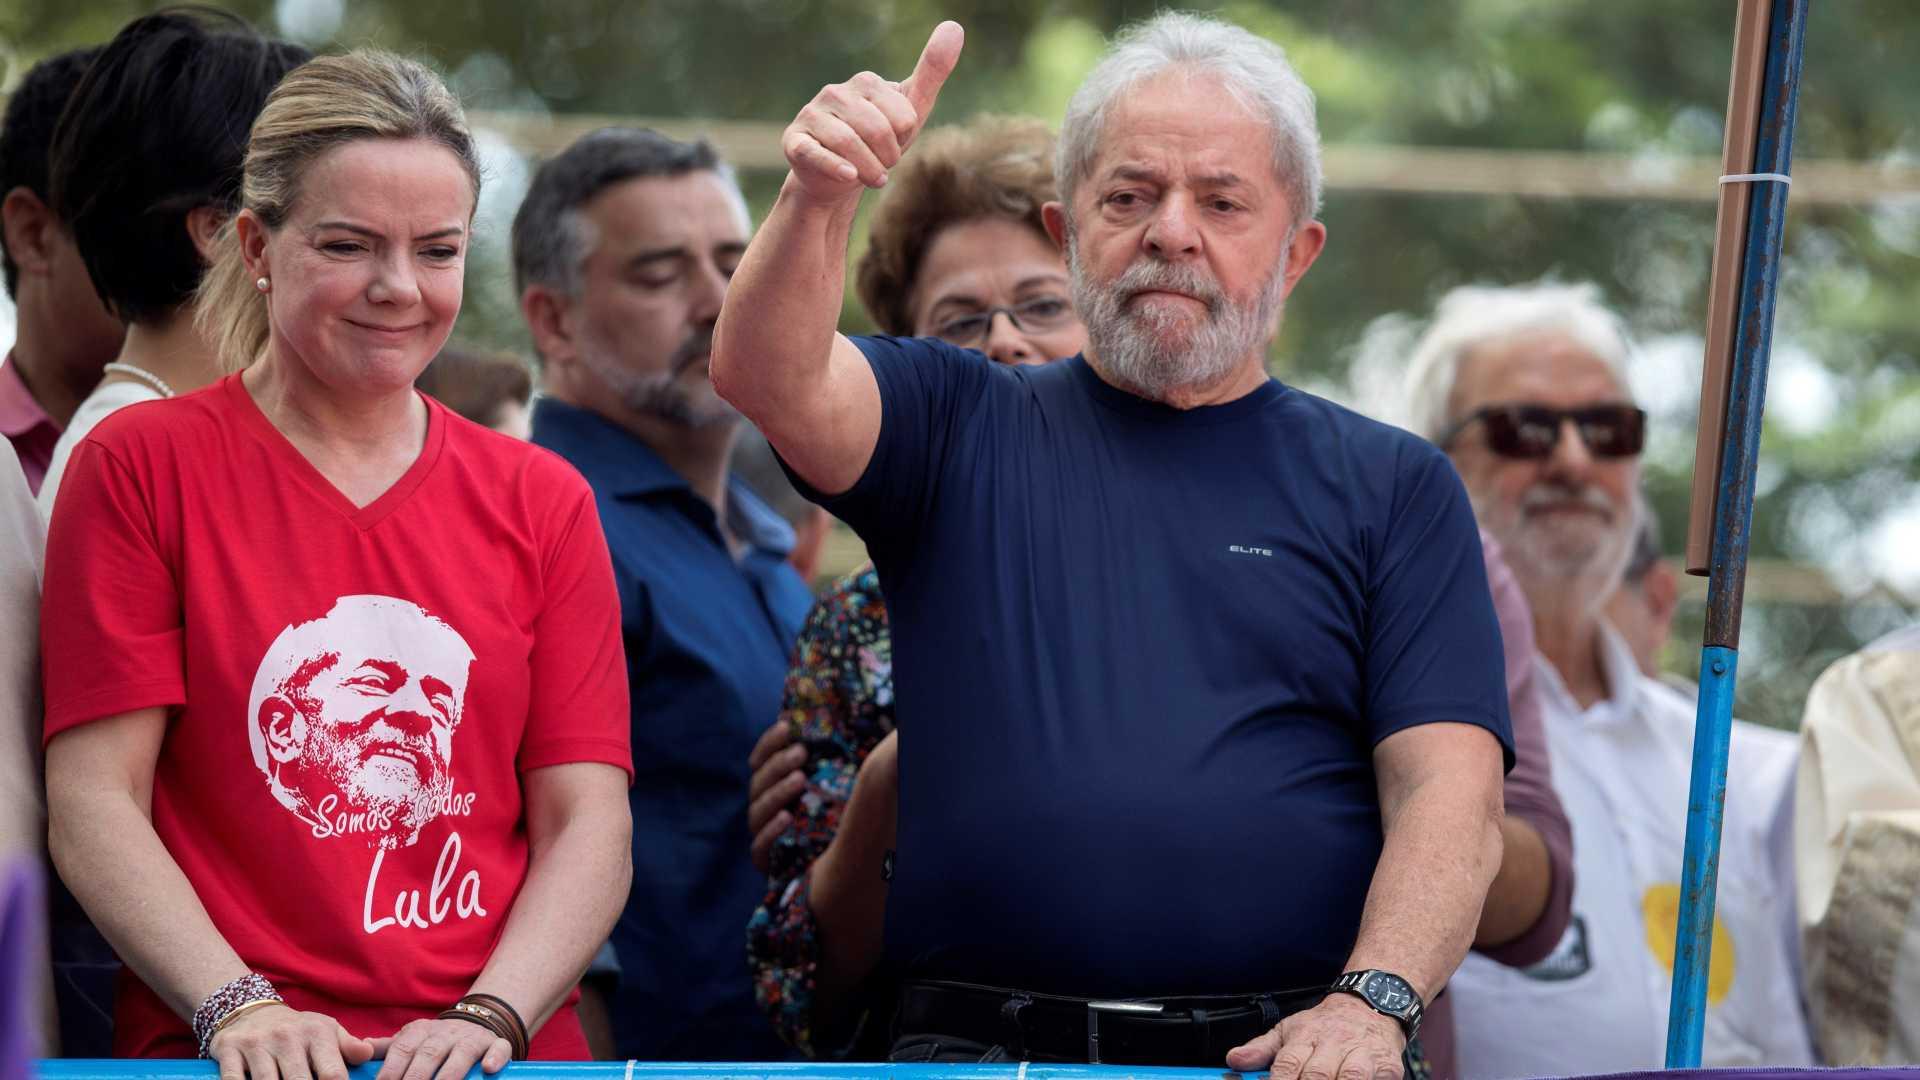 líder do pt diz que existem provas suficientes para libertar lula - lula PT - Líder do PT diz que existem provas suficientes para libertar Lula